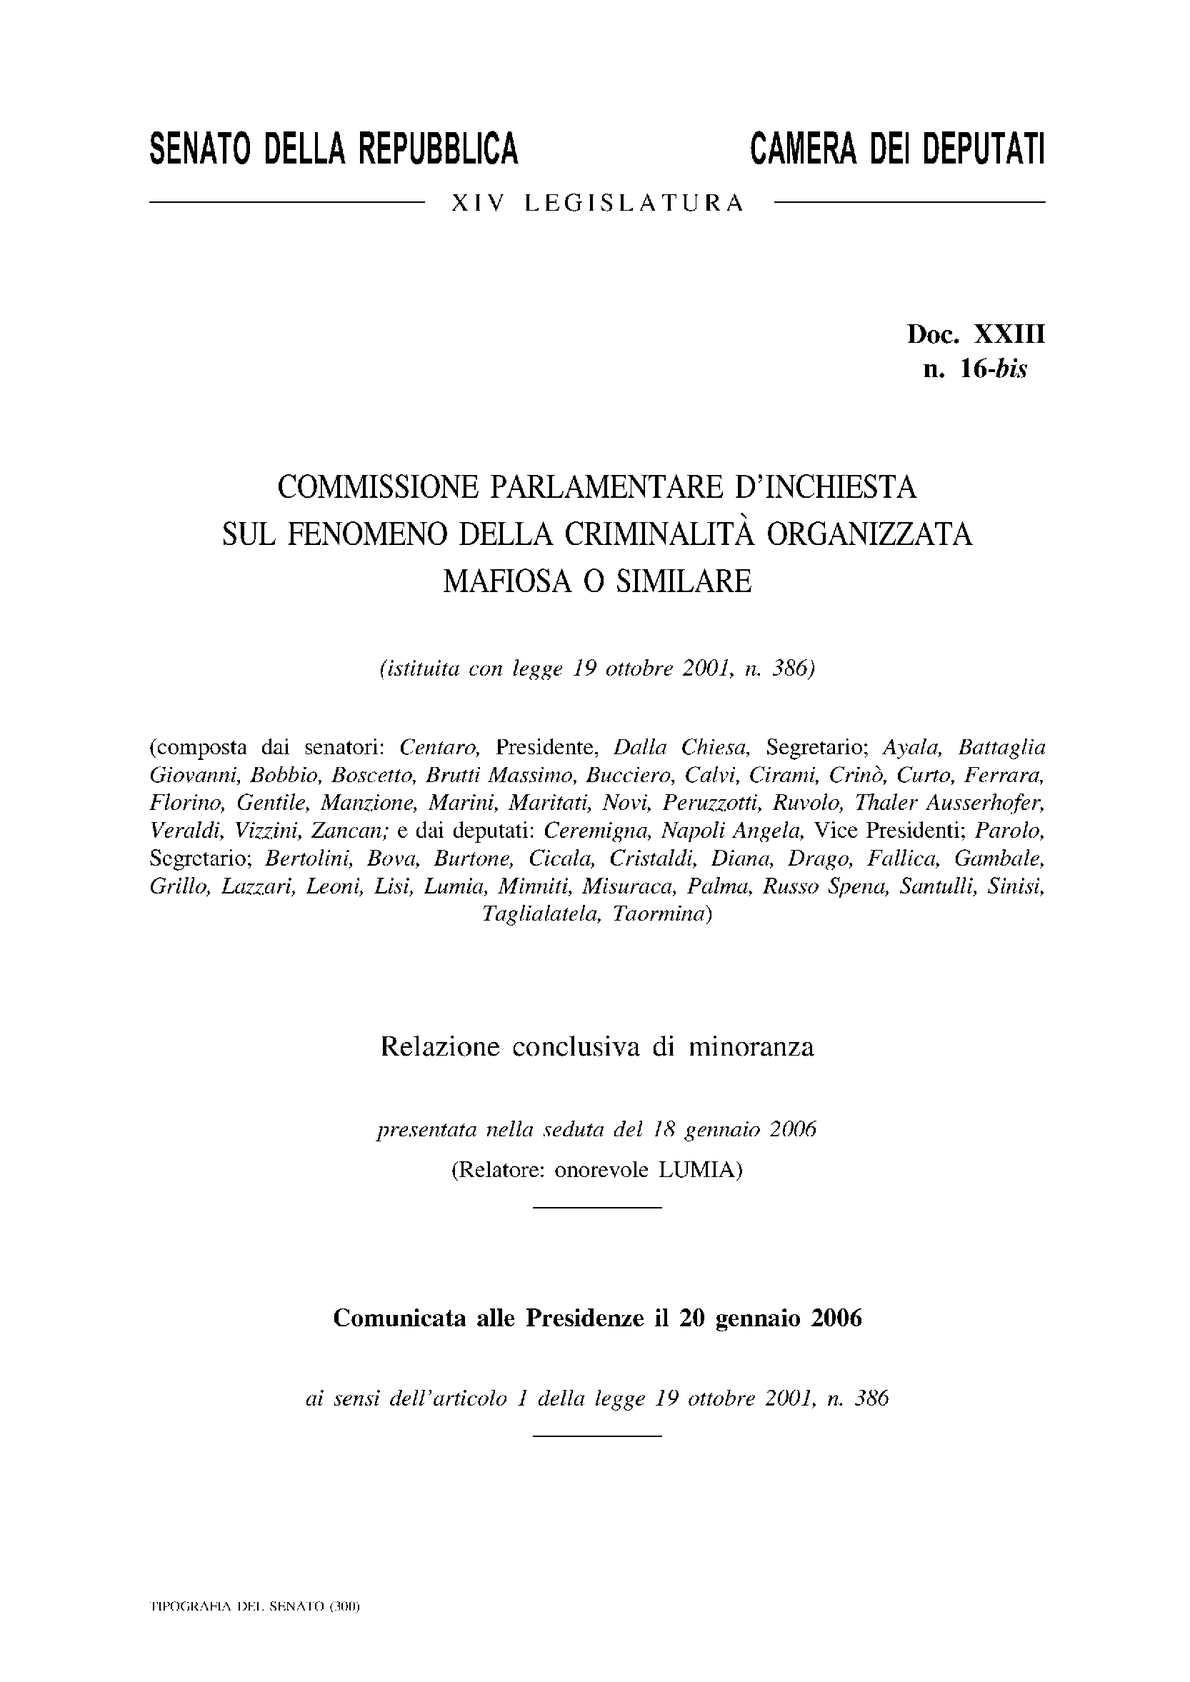 Calaméo MISSIONE IPARLAMENTARE INCHIESTA SULLA MAFIA 2005 LUMIA